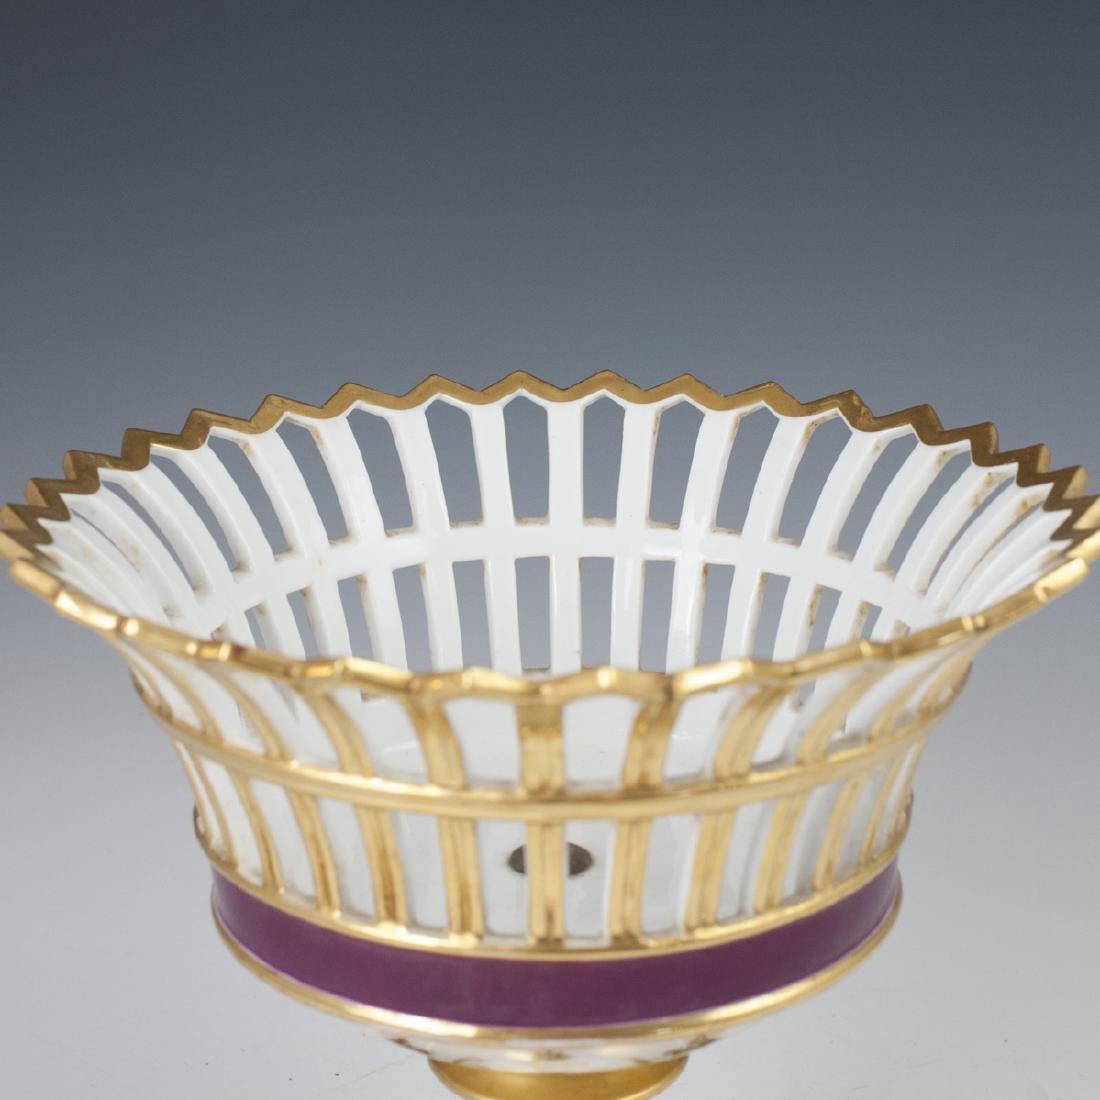 Antique German Porcelain Compote - 2